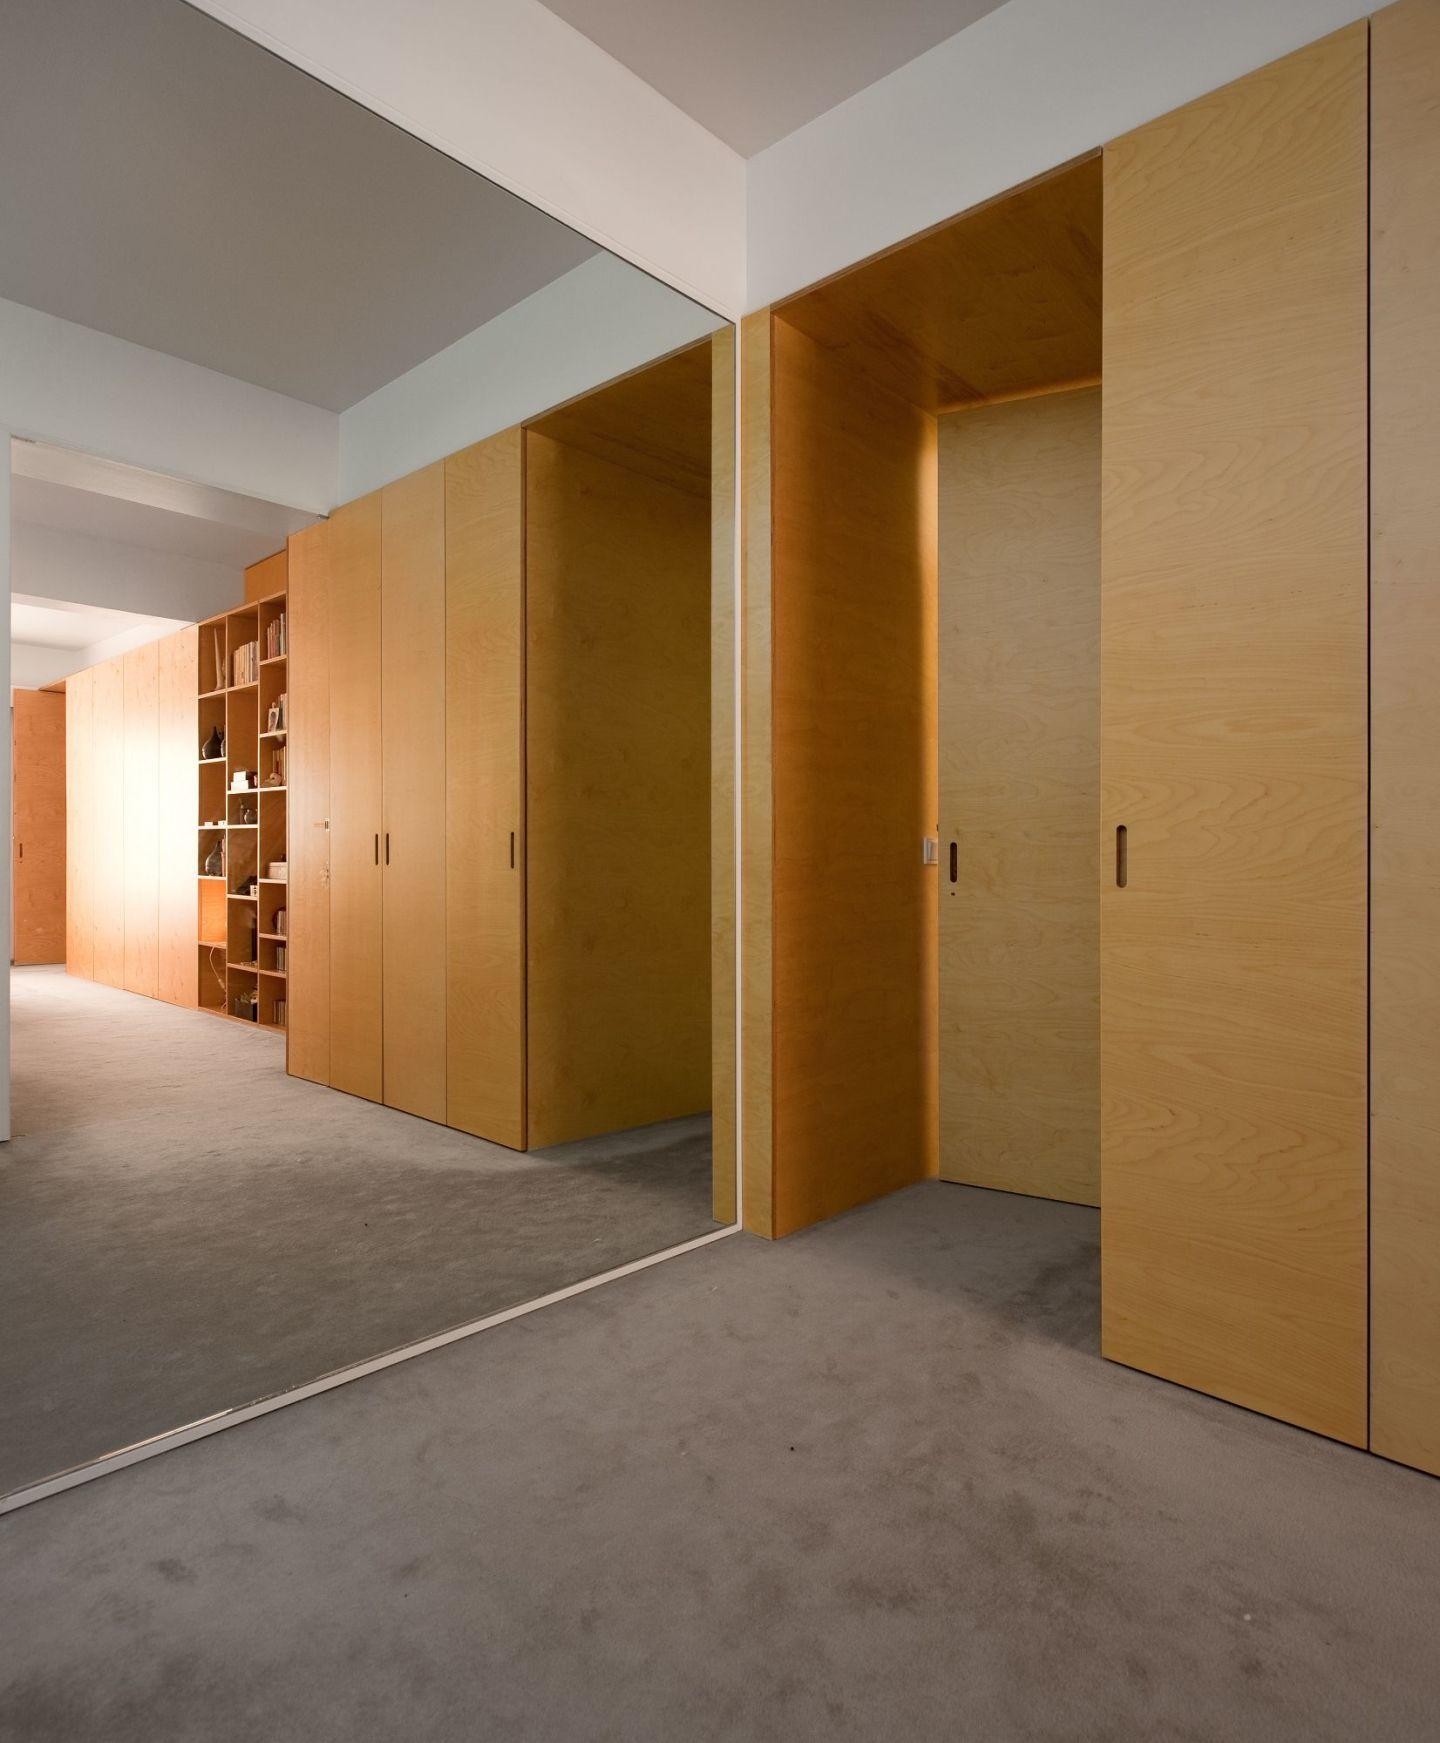 pedro domingos arquitectos, Fernando Guerra / FG+SG · Apartment São Mamede · Divisare